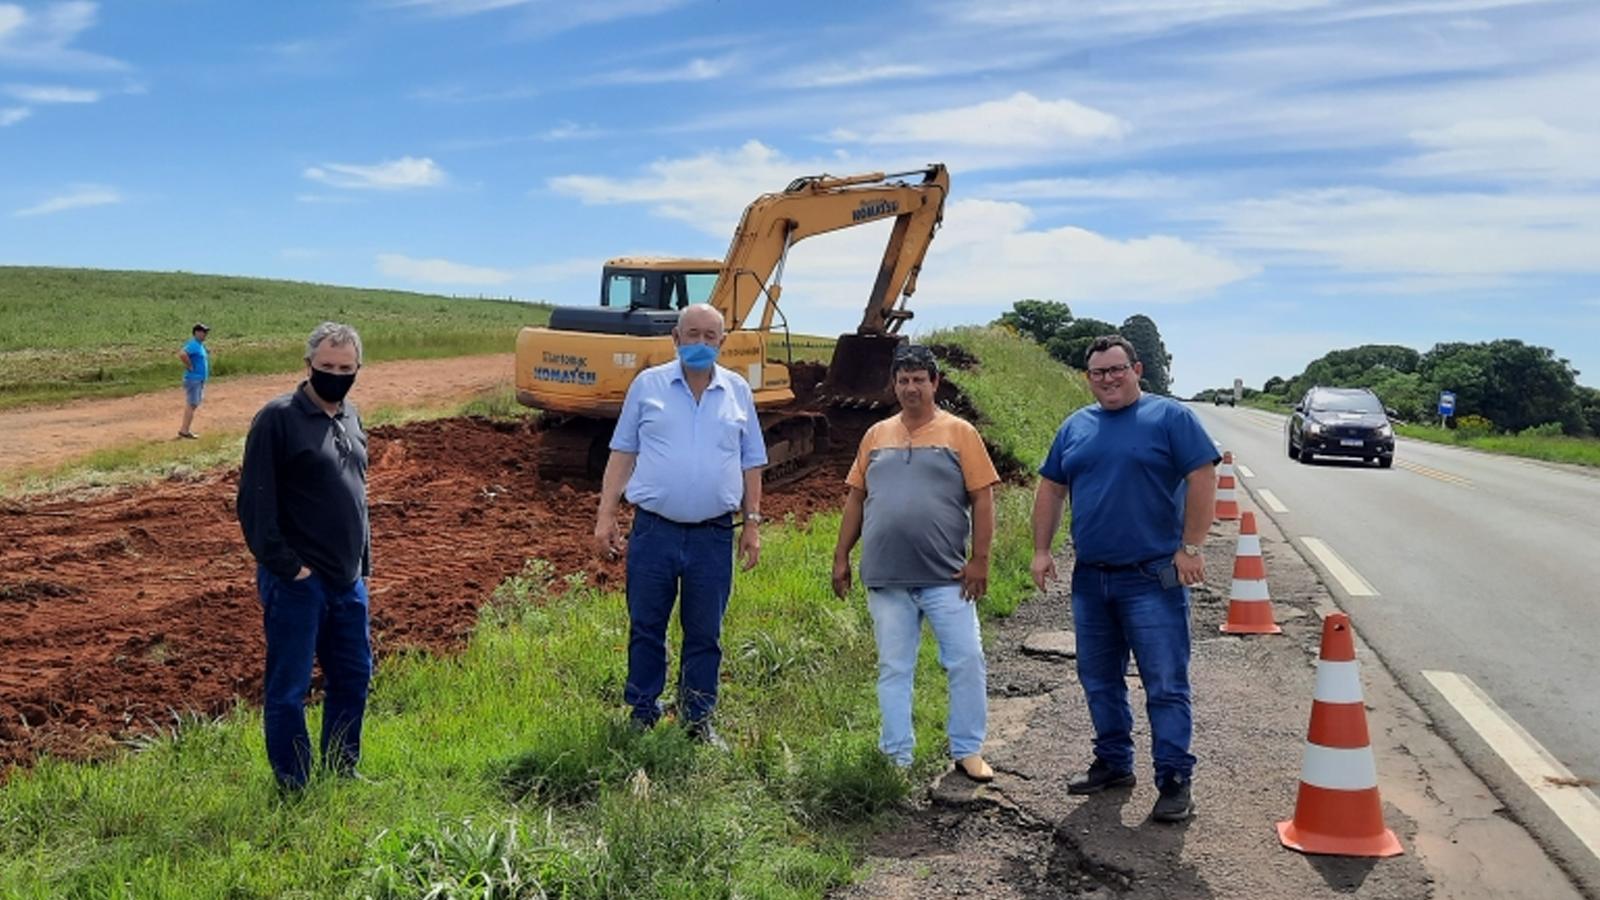 Colorado inicia obras no trevo da BR-285